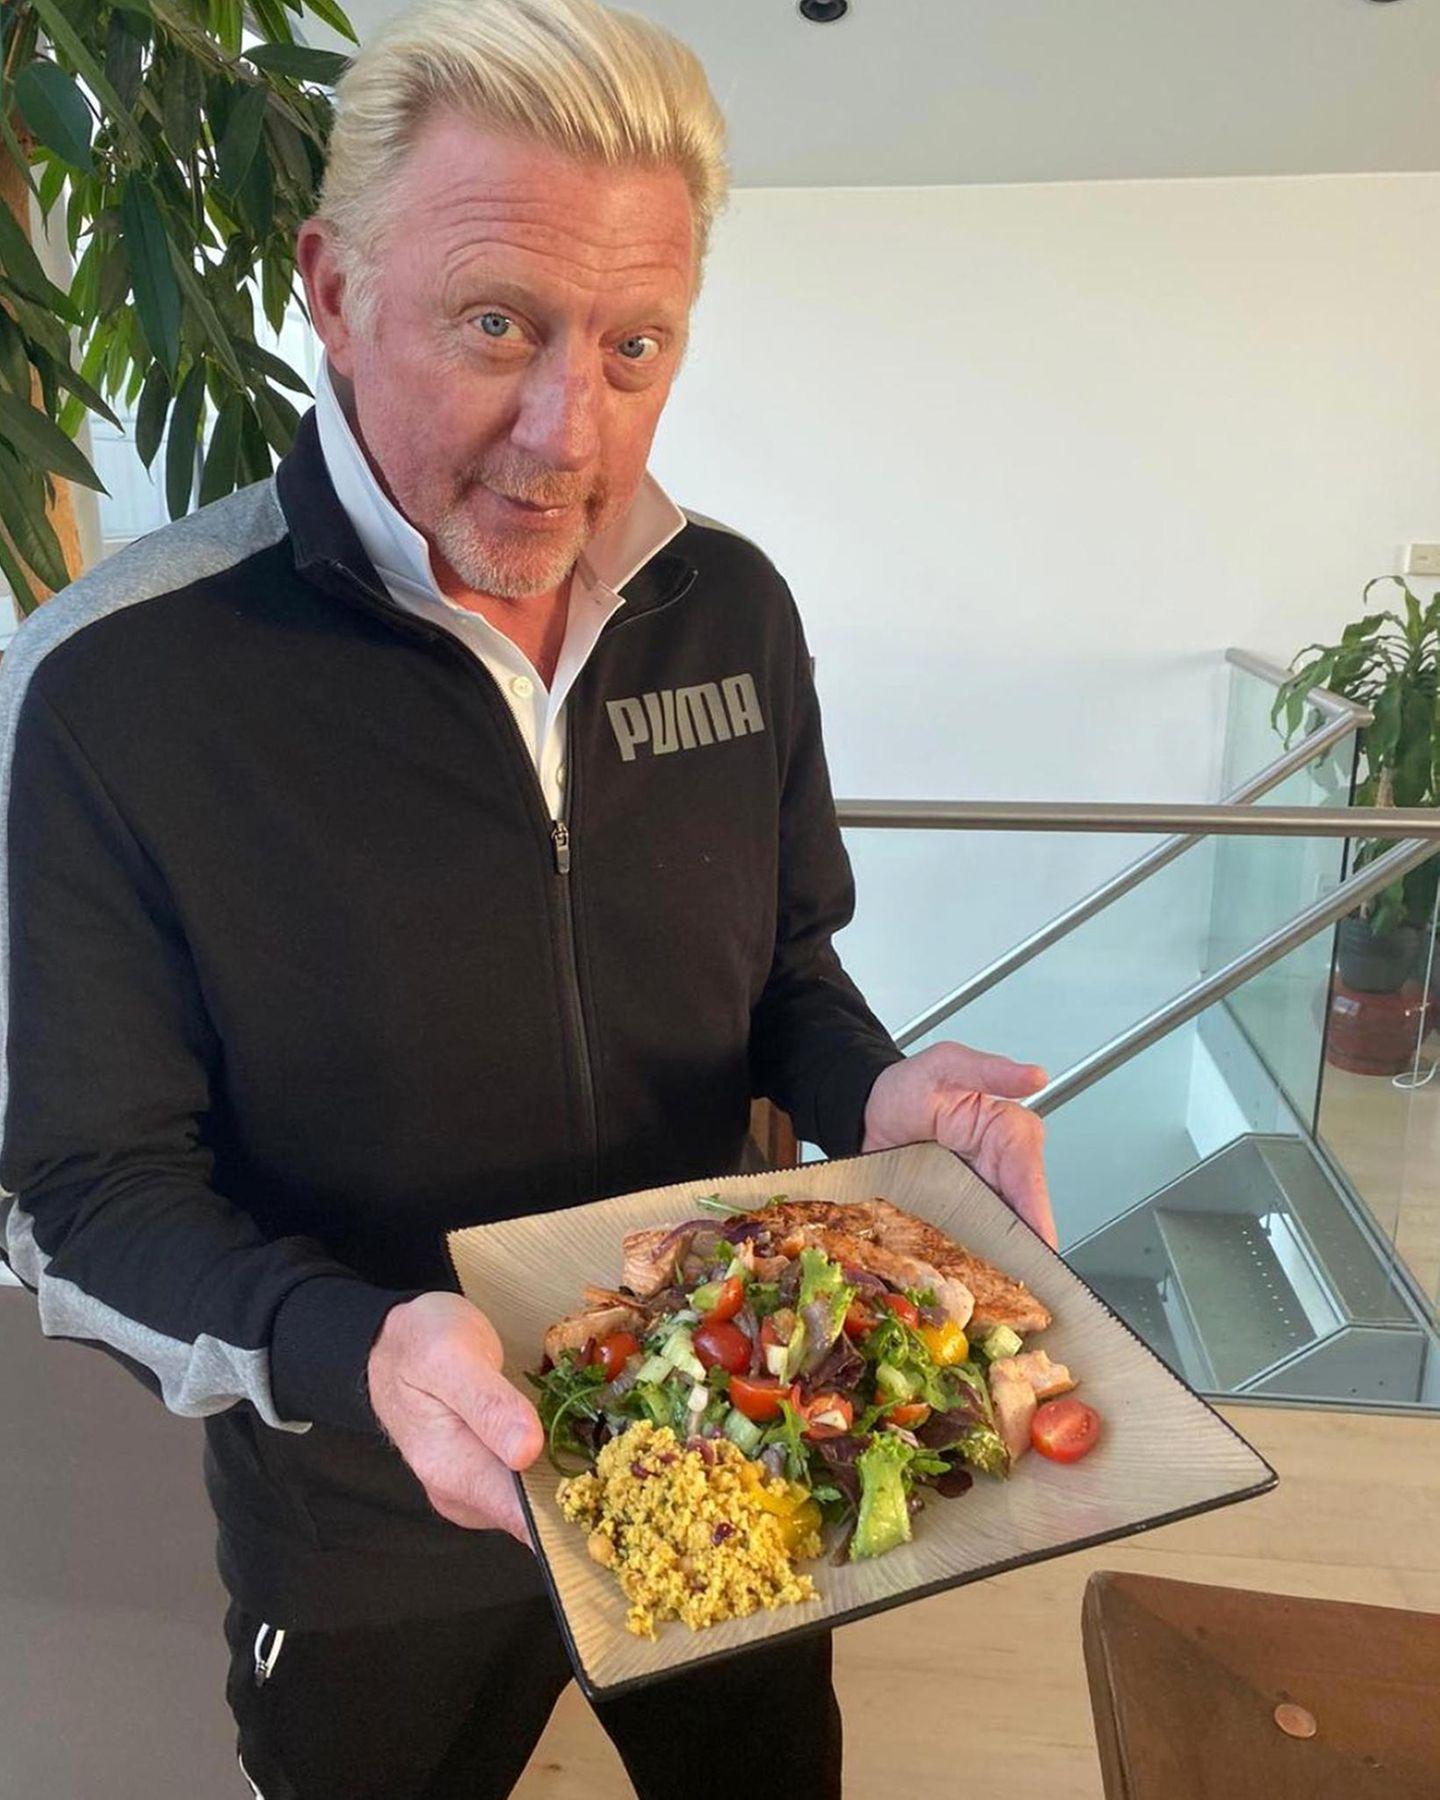 Lecker und gesund: Bei Boris Becker gibt es Lachs auf gemischtem Salat mit Quinoa.